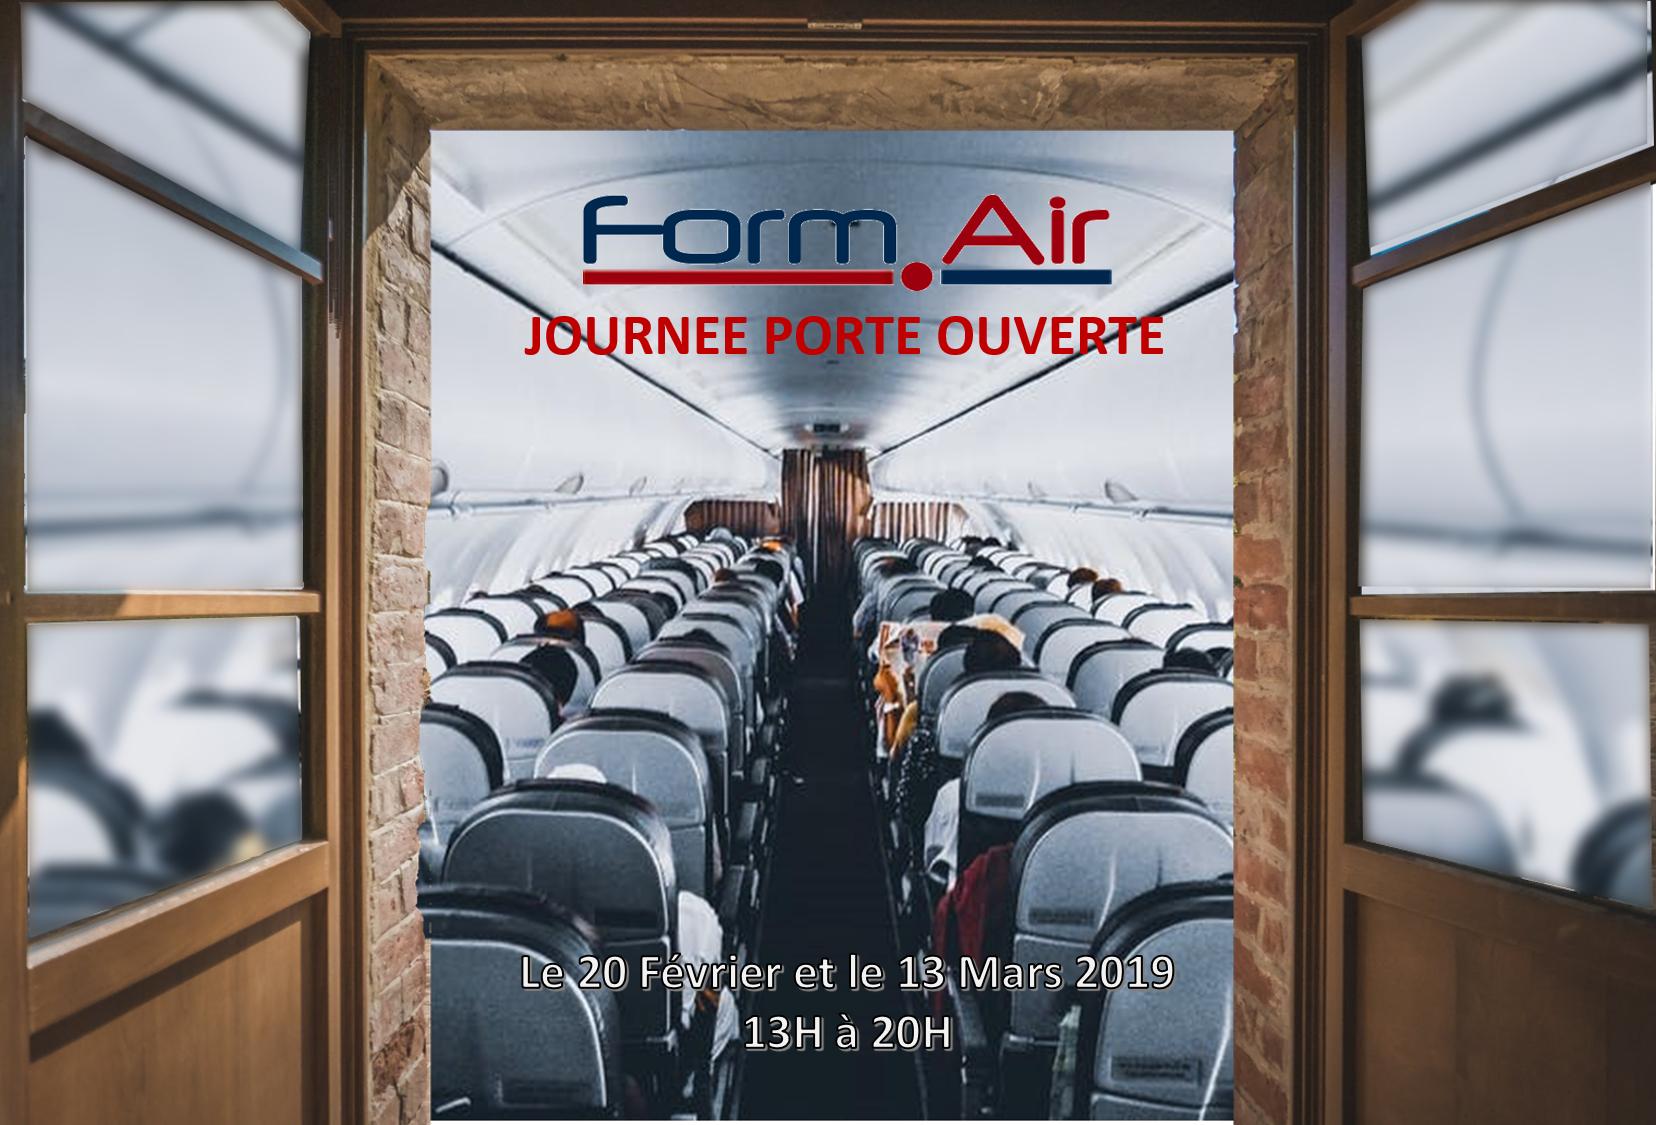 Prochaine Porte ouverte 2019 chez Formair